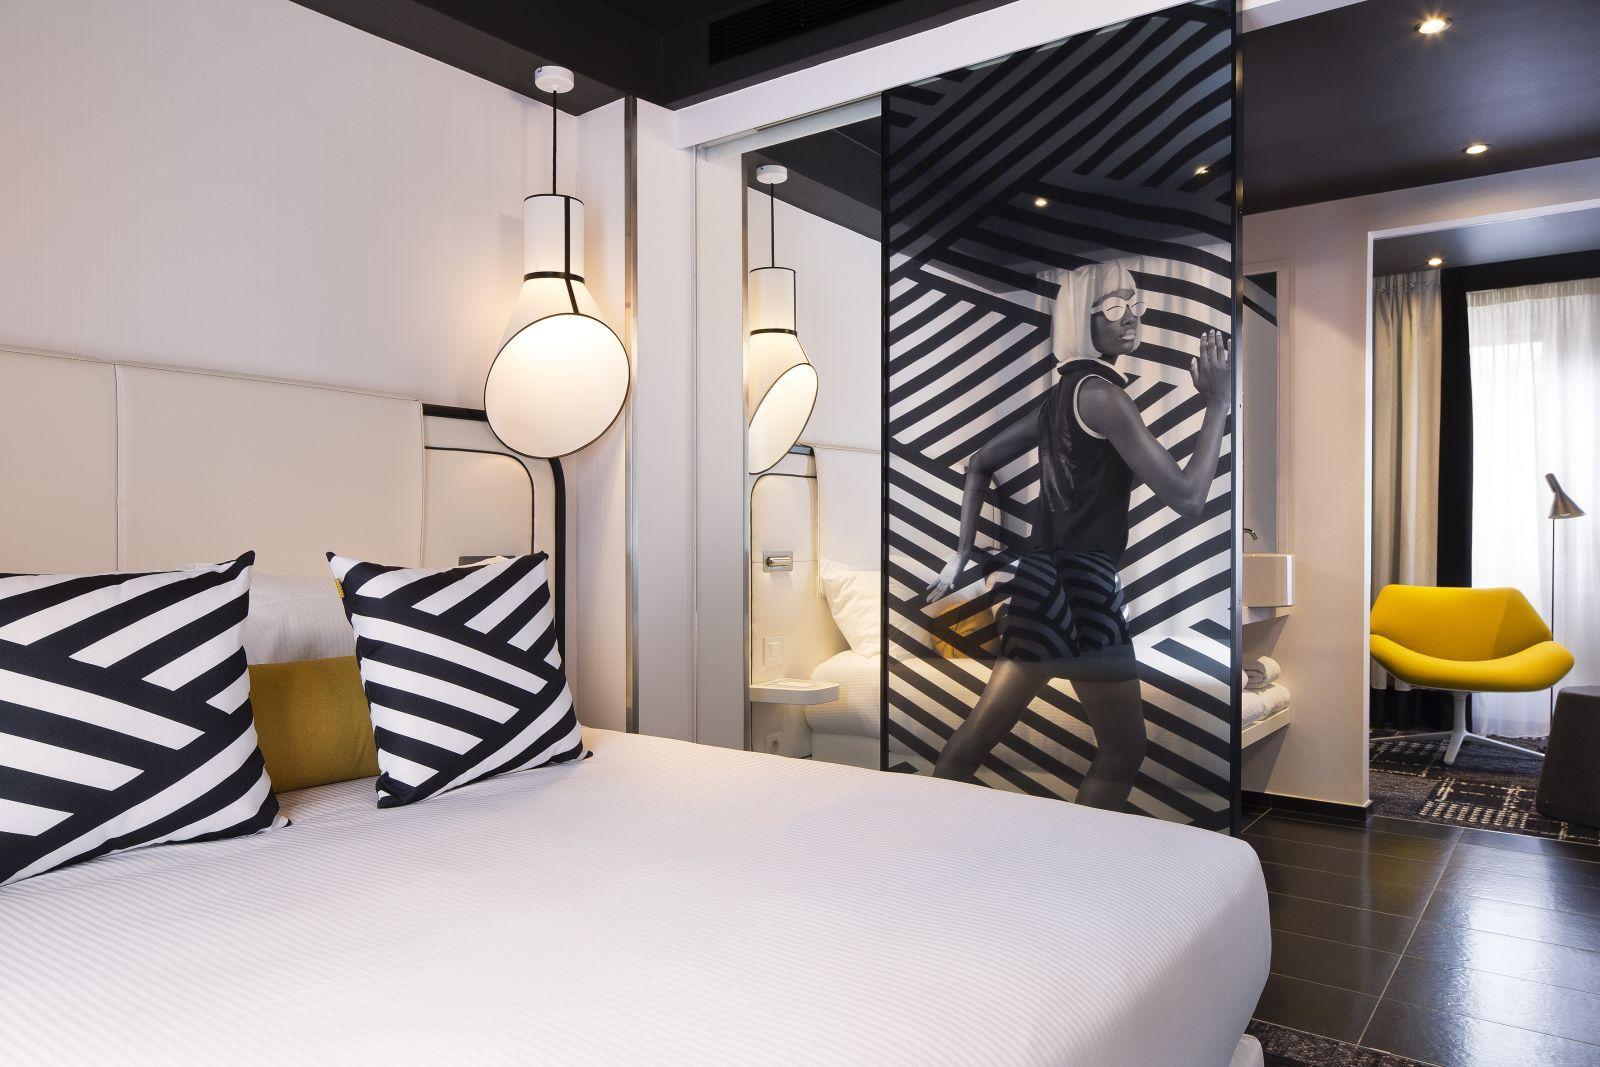 Hotel Ekta Paris E U R O P E Pinterest Sleep Dream And Tower